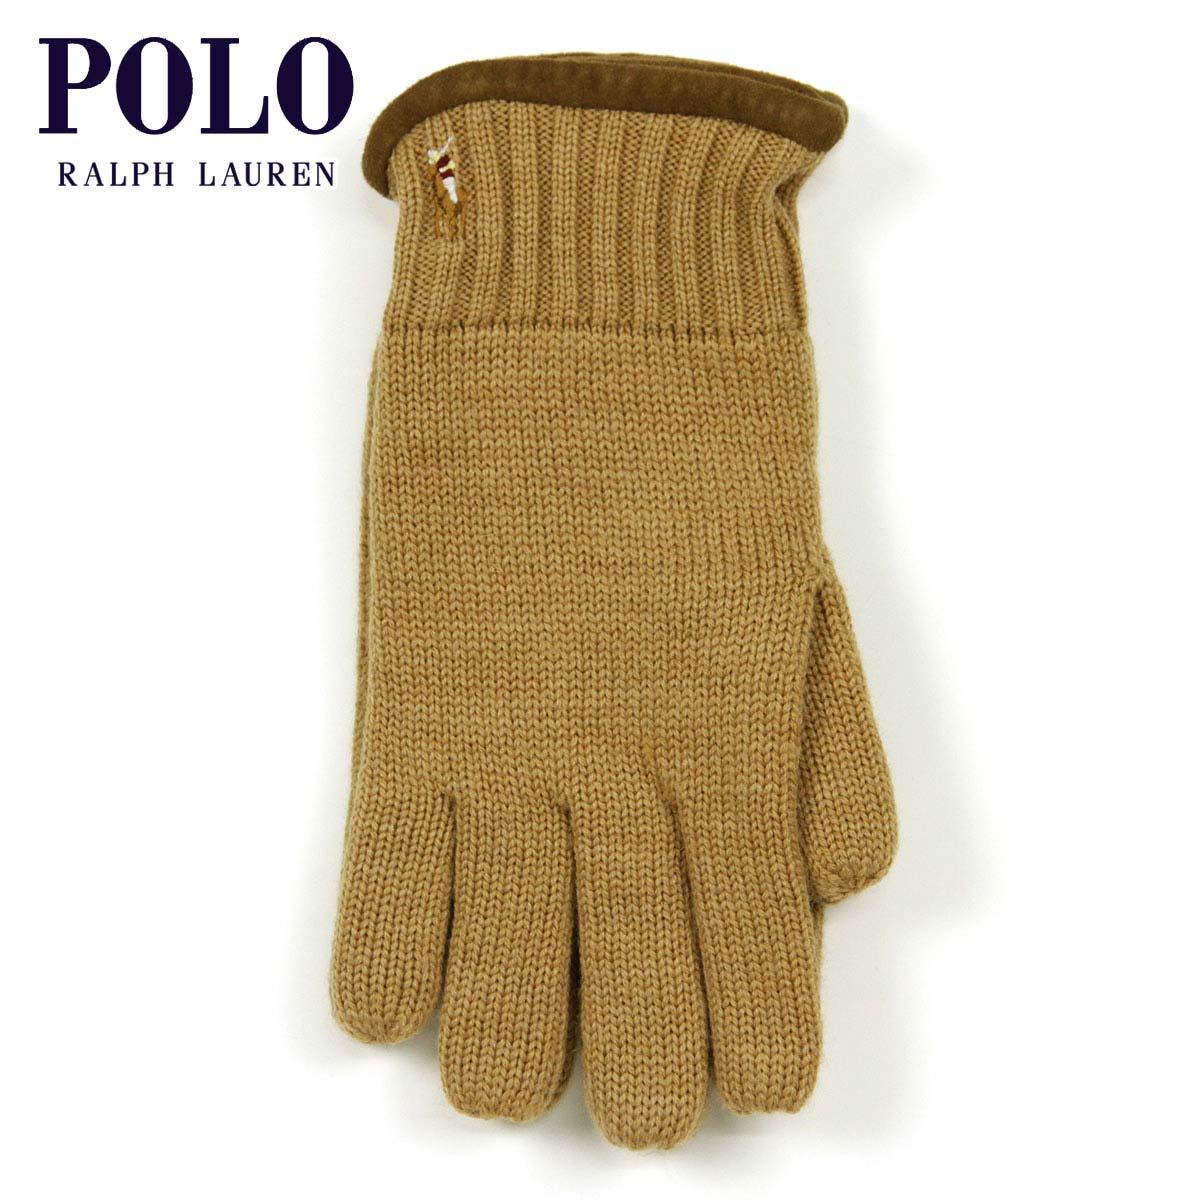 【販売期間 8/10 13:00~8/16 9:59】 ポロ ラルフローレン POLO RALPH LAUREN 正規品 手袋 Classic Merino Gloves KHAKI